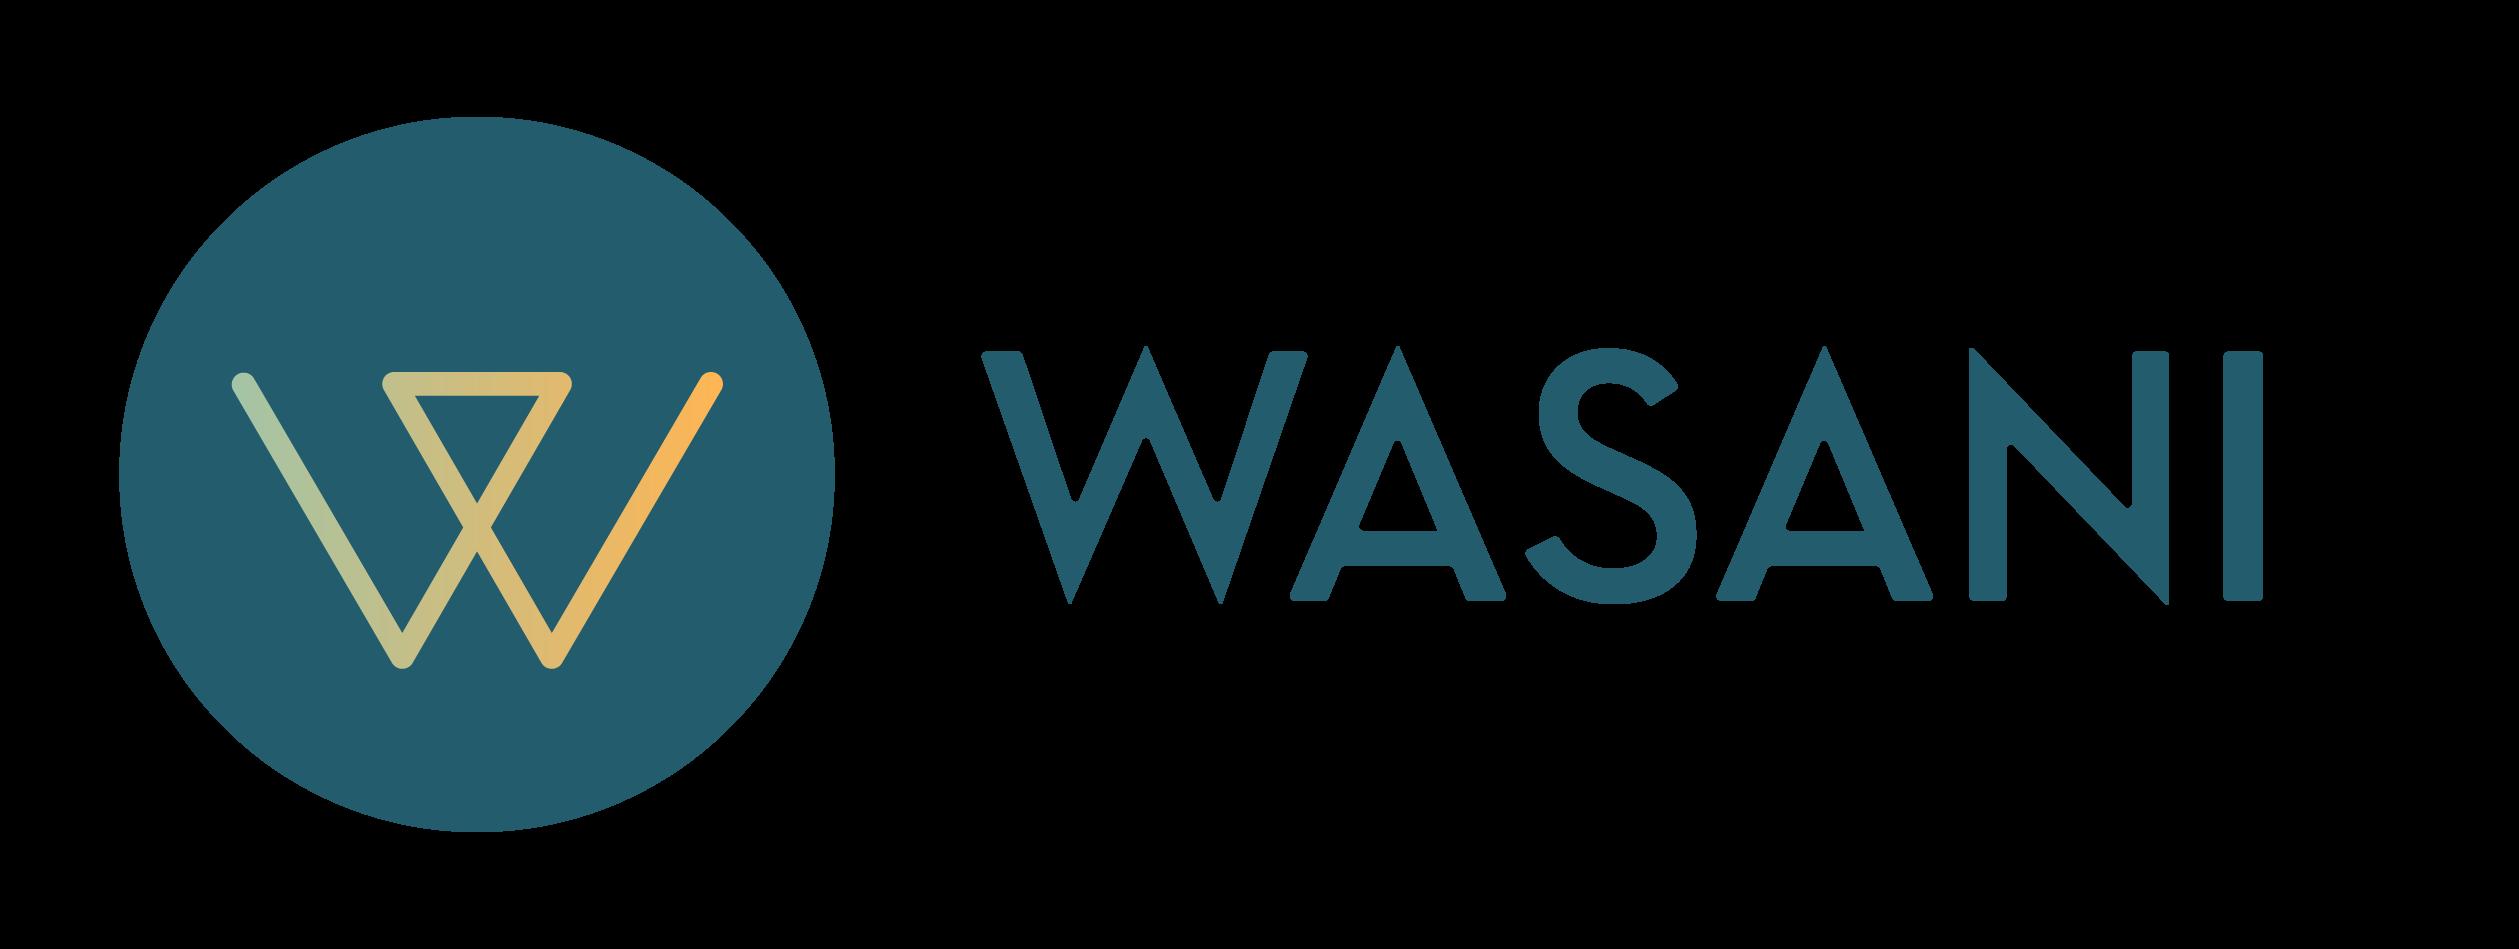 Wasani